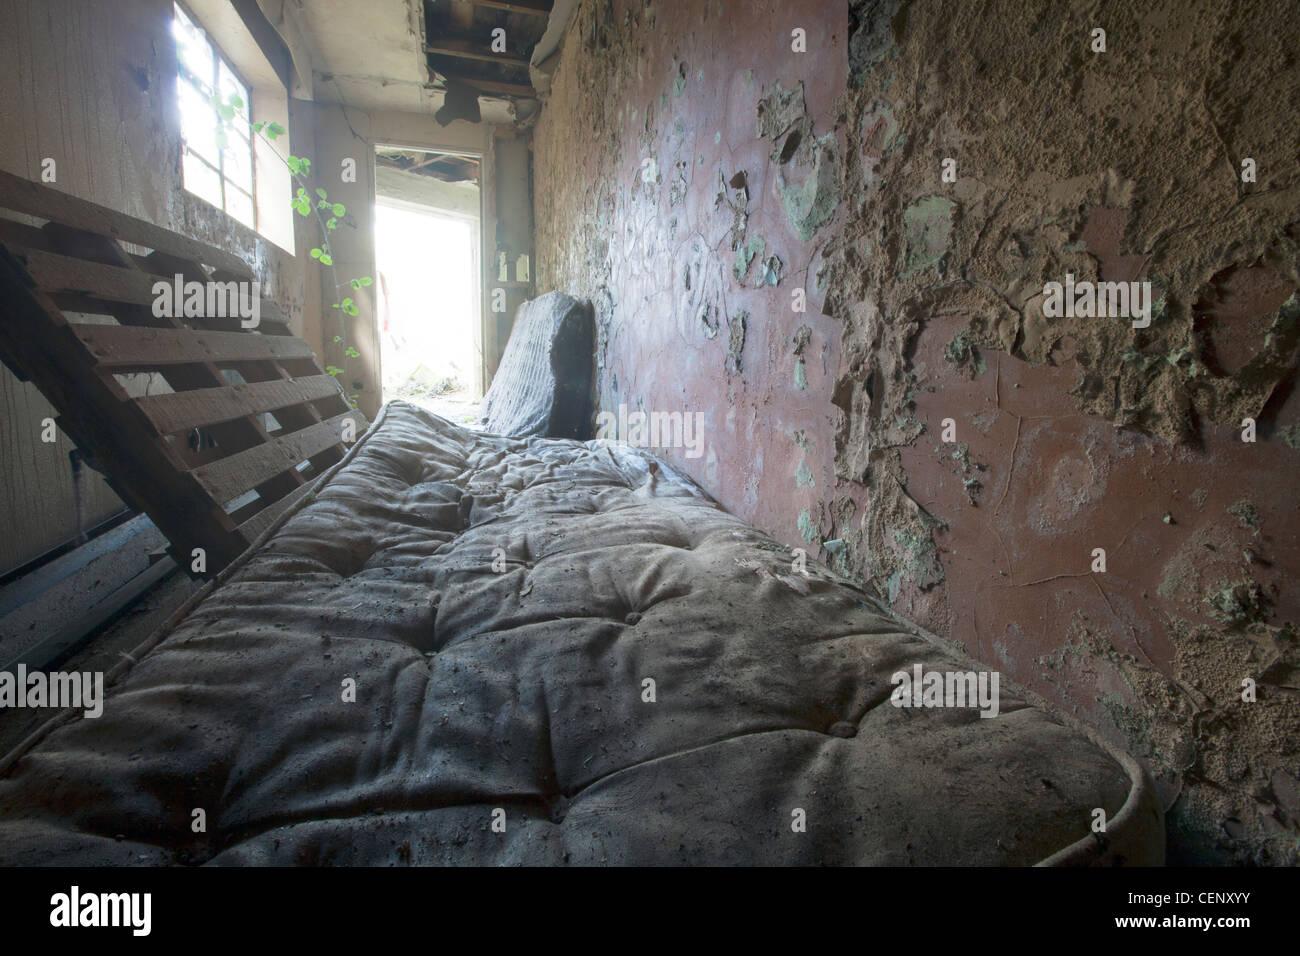 matratze stinkende alte schmutzige chaotisch in droge h hle wo benutzer sich nicht f r sich. Black Bedroom Furniture Sets. Home Design Ideas